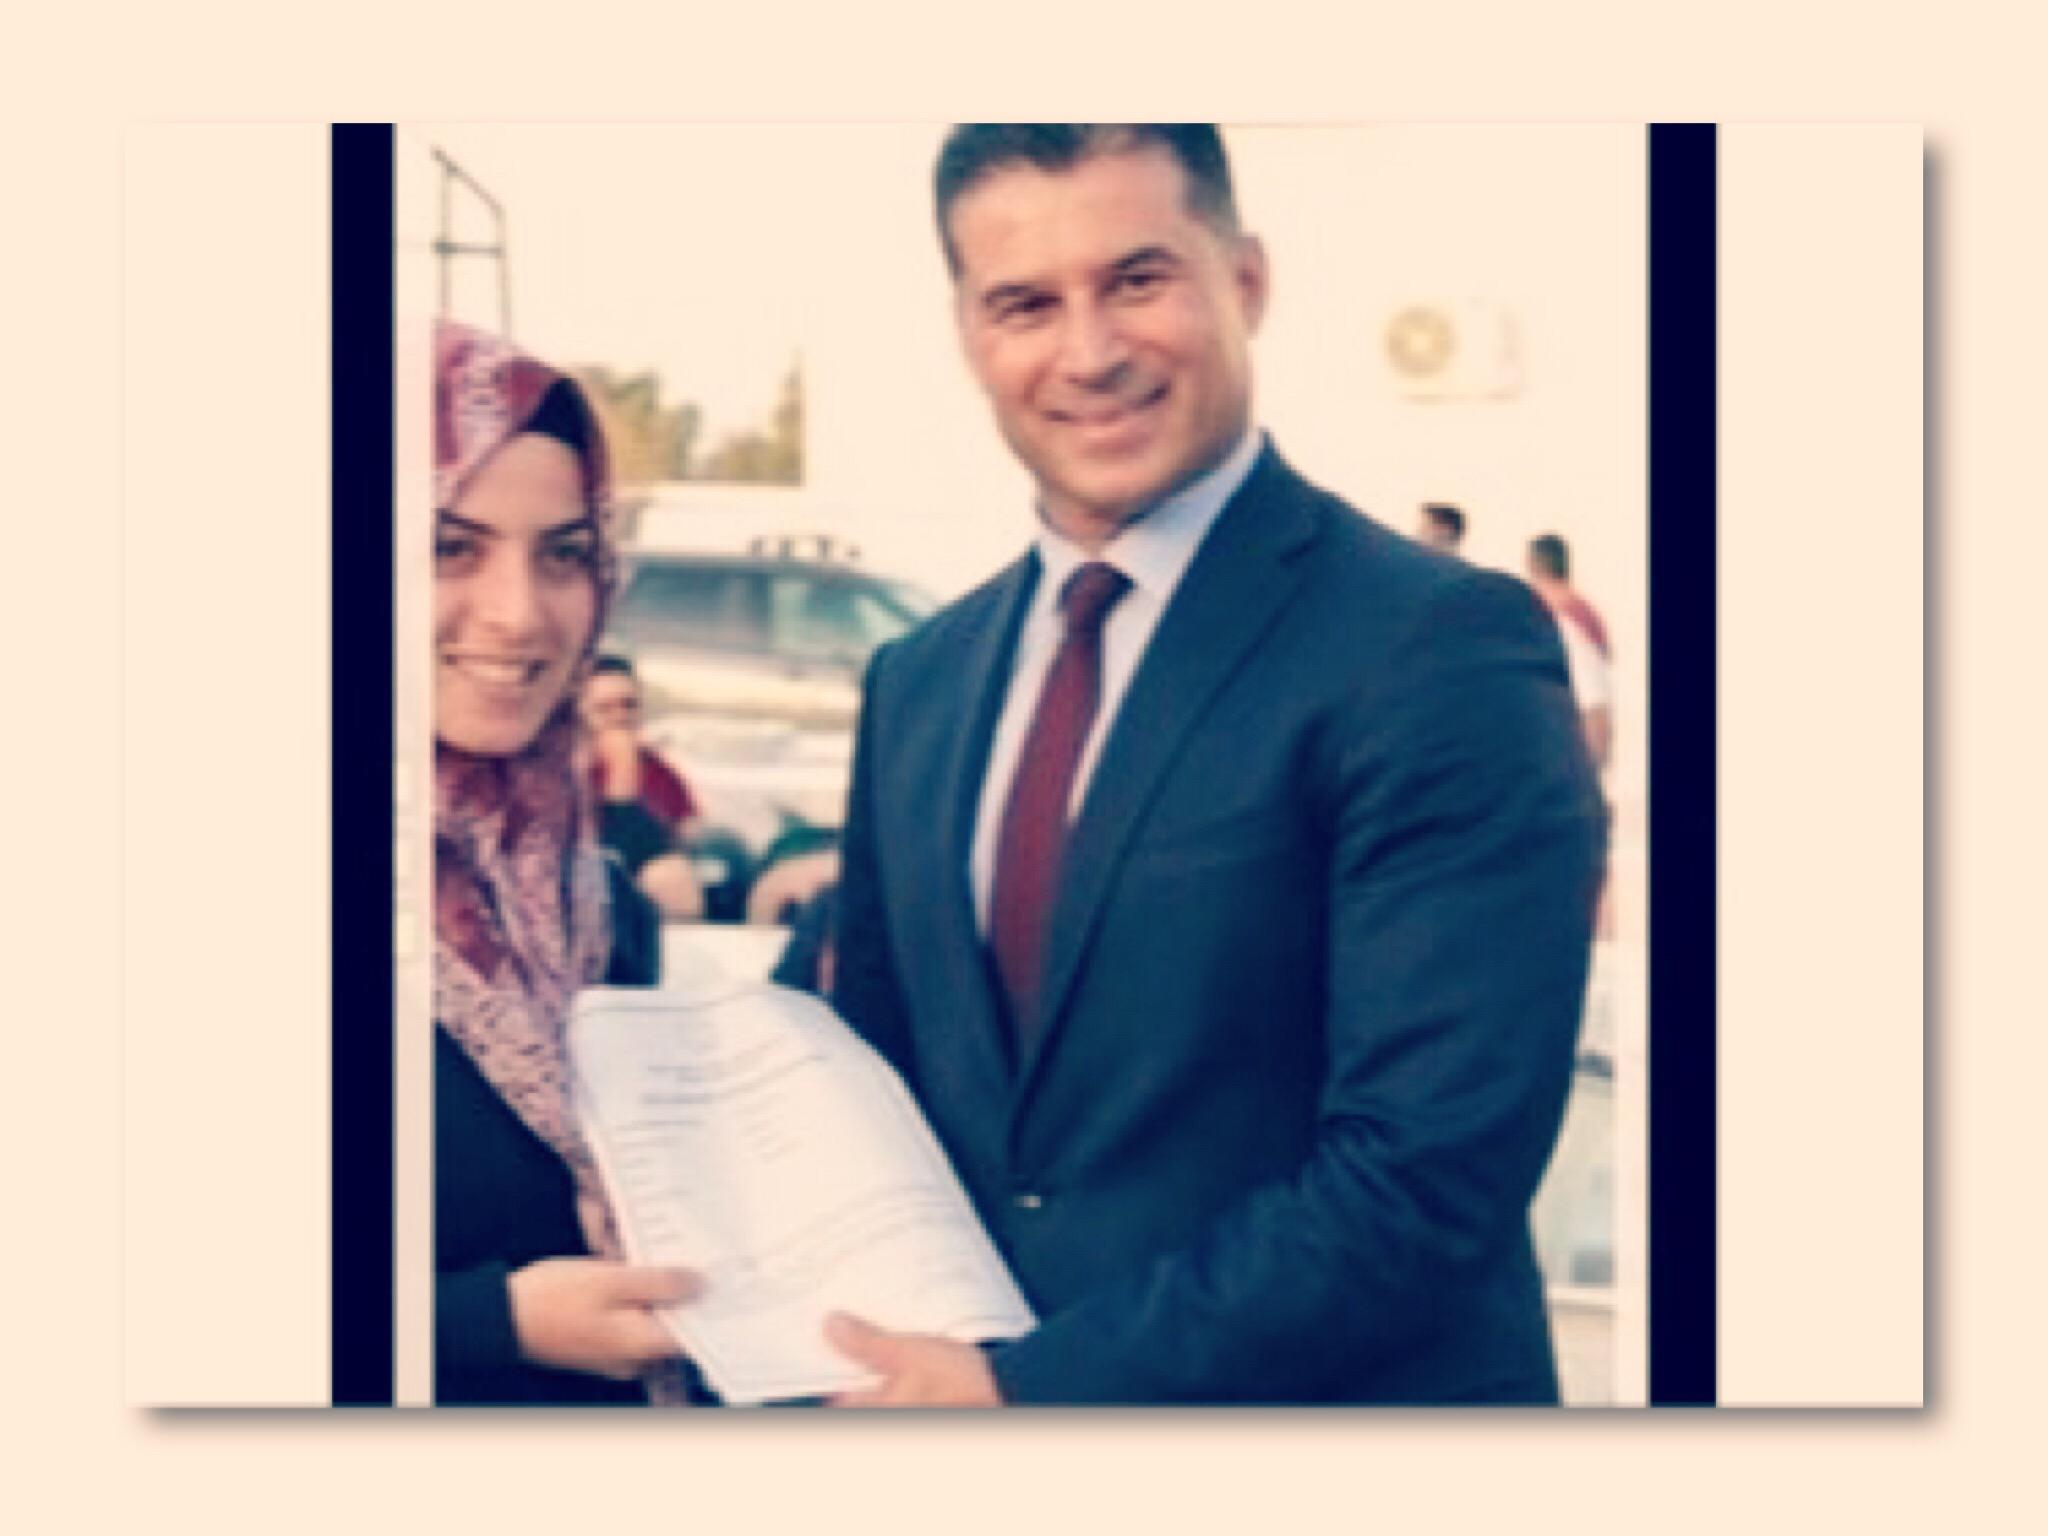 Τουρκικος Τυπος - Το Εγκλημα Πολέμου /Εποικισμός Συνεχίζεται